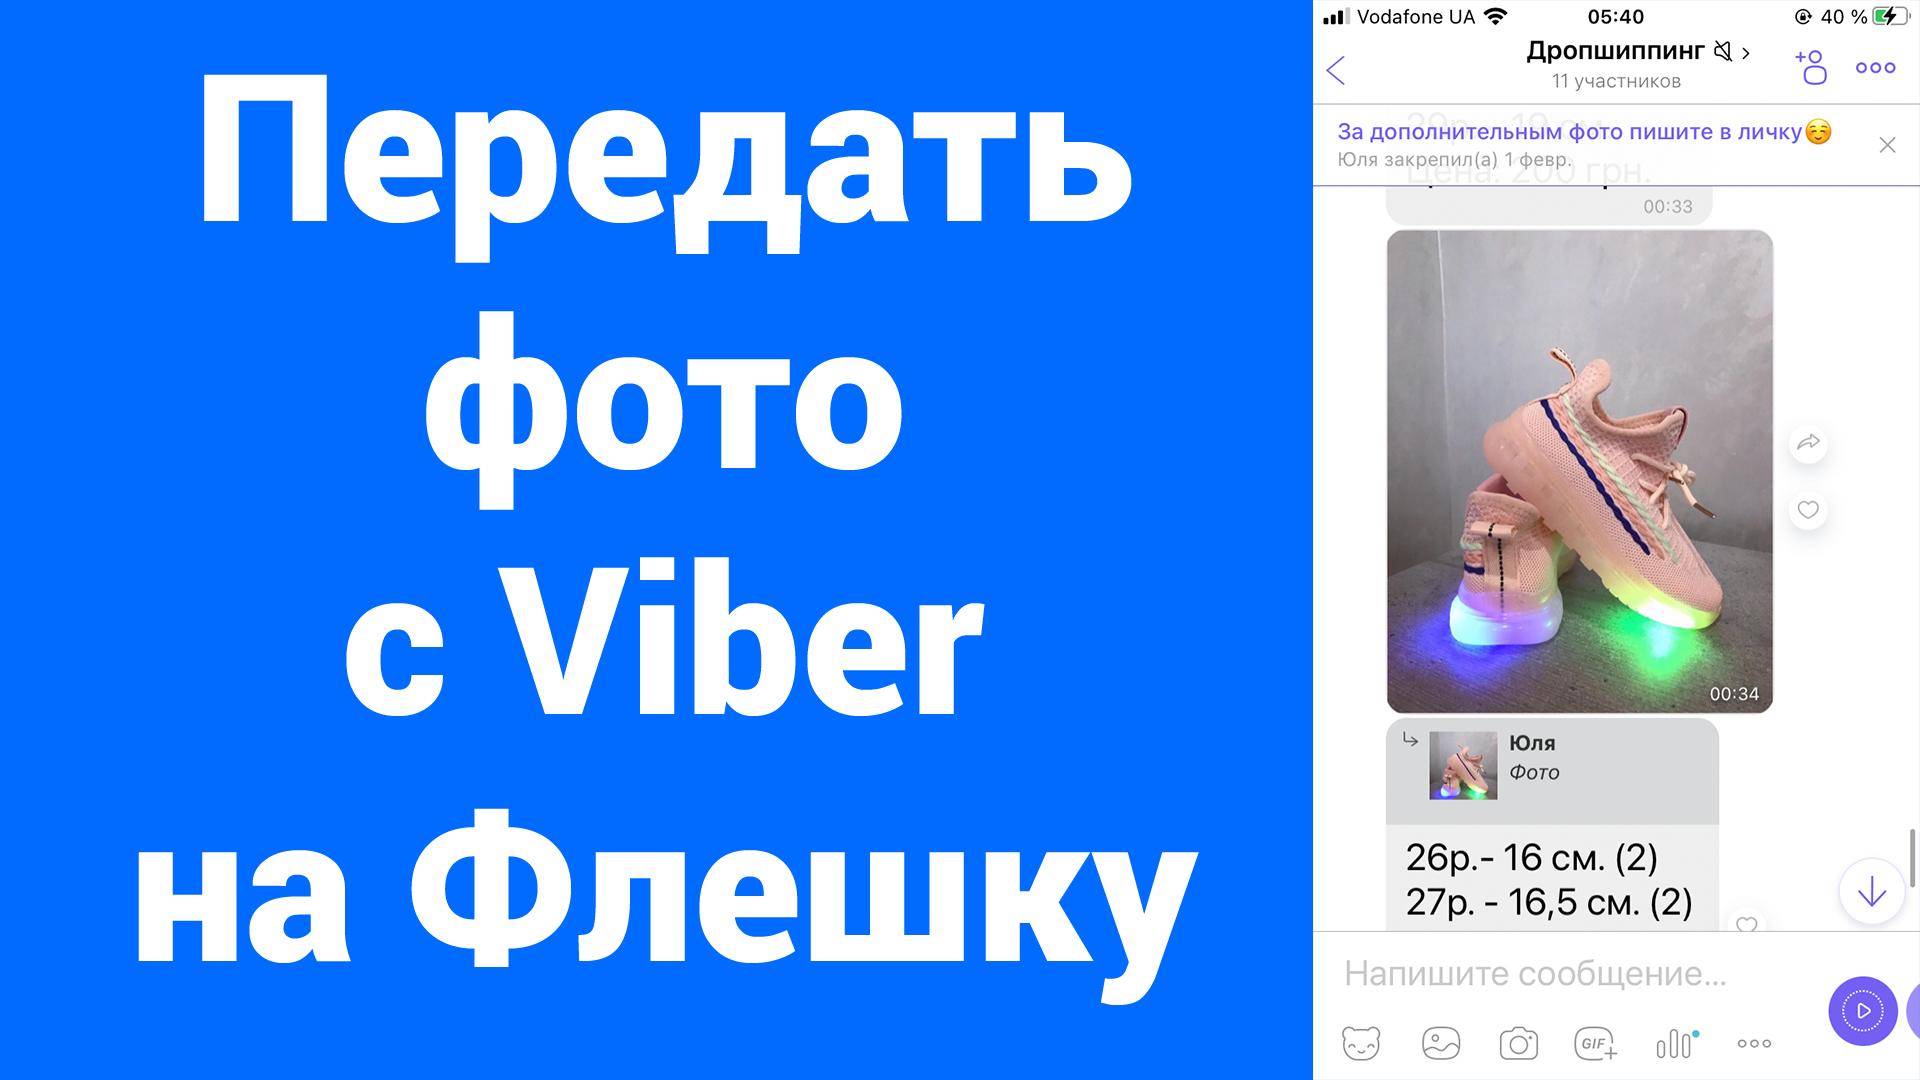 Как передать фото с Viber iPhone на USB флешку